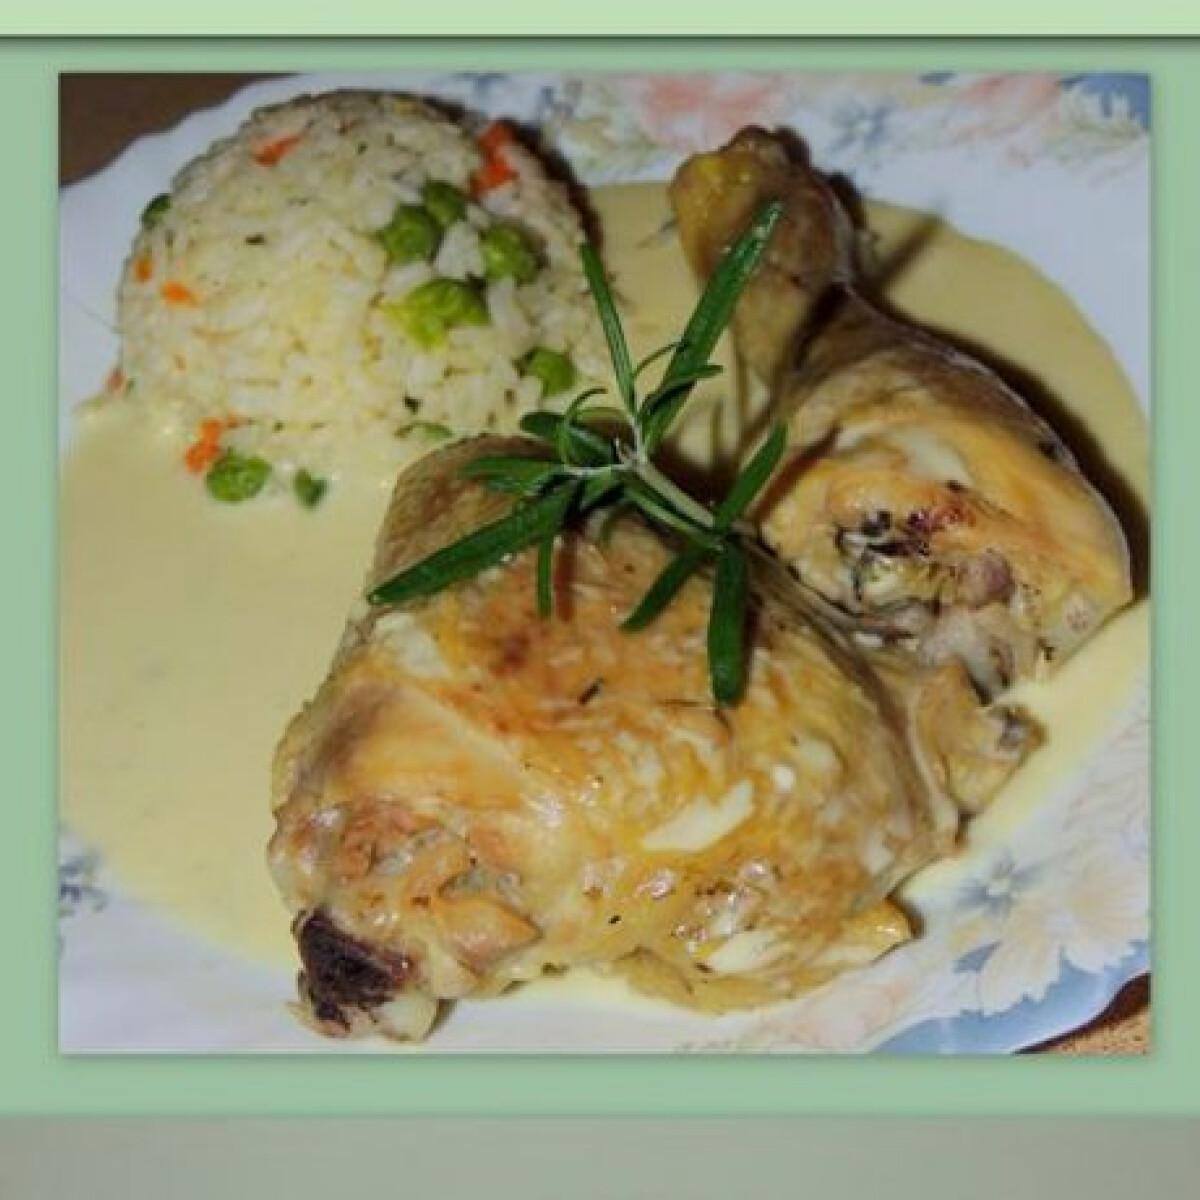 Rozmaringos-fehérboros csirke zöldséges rizzsel